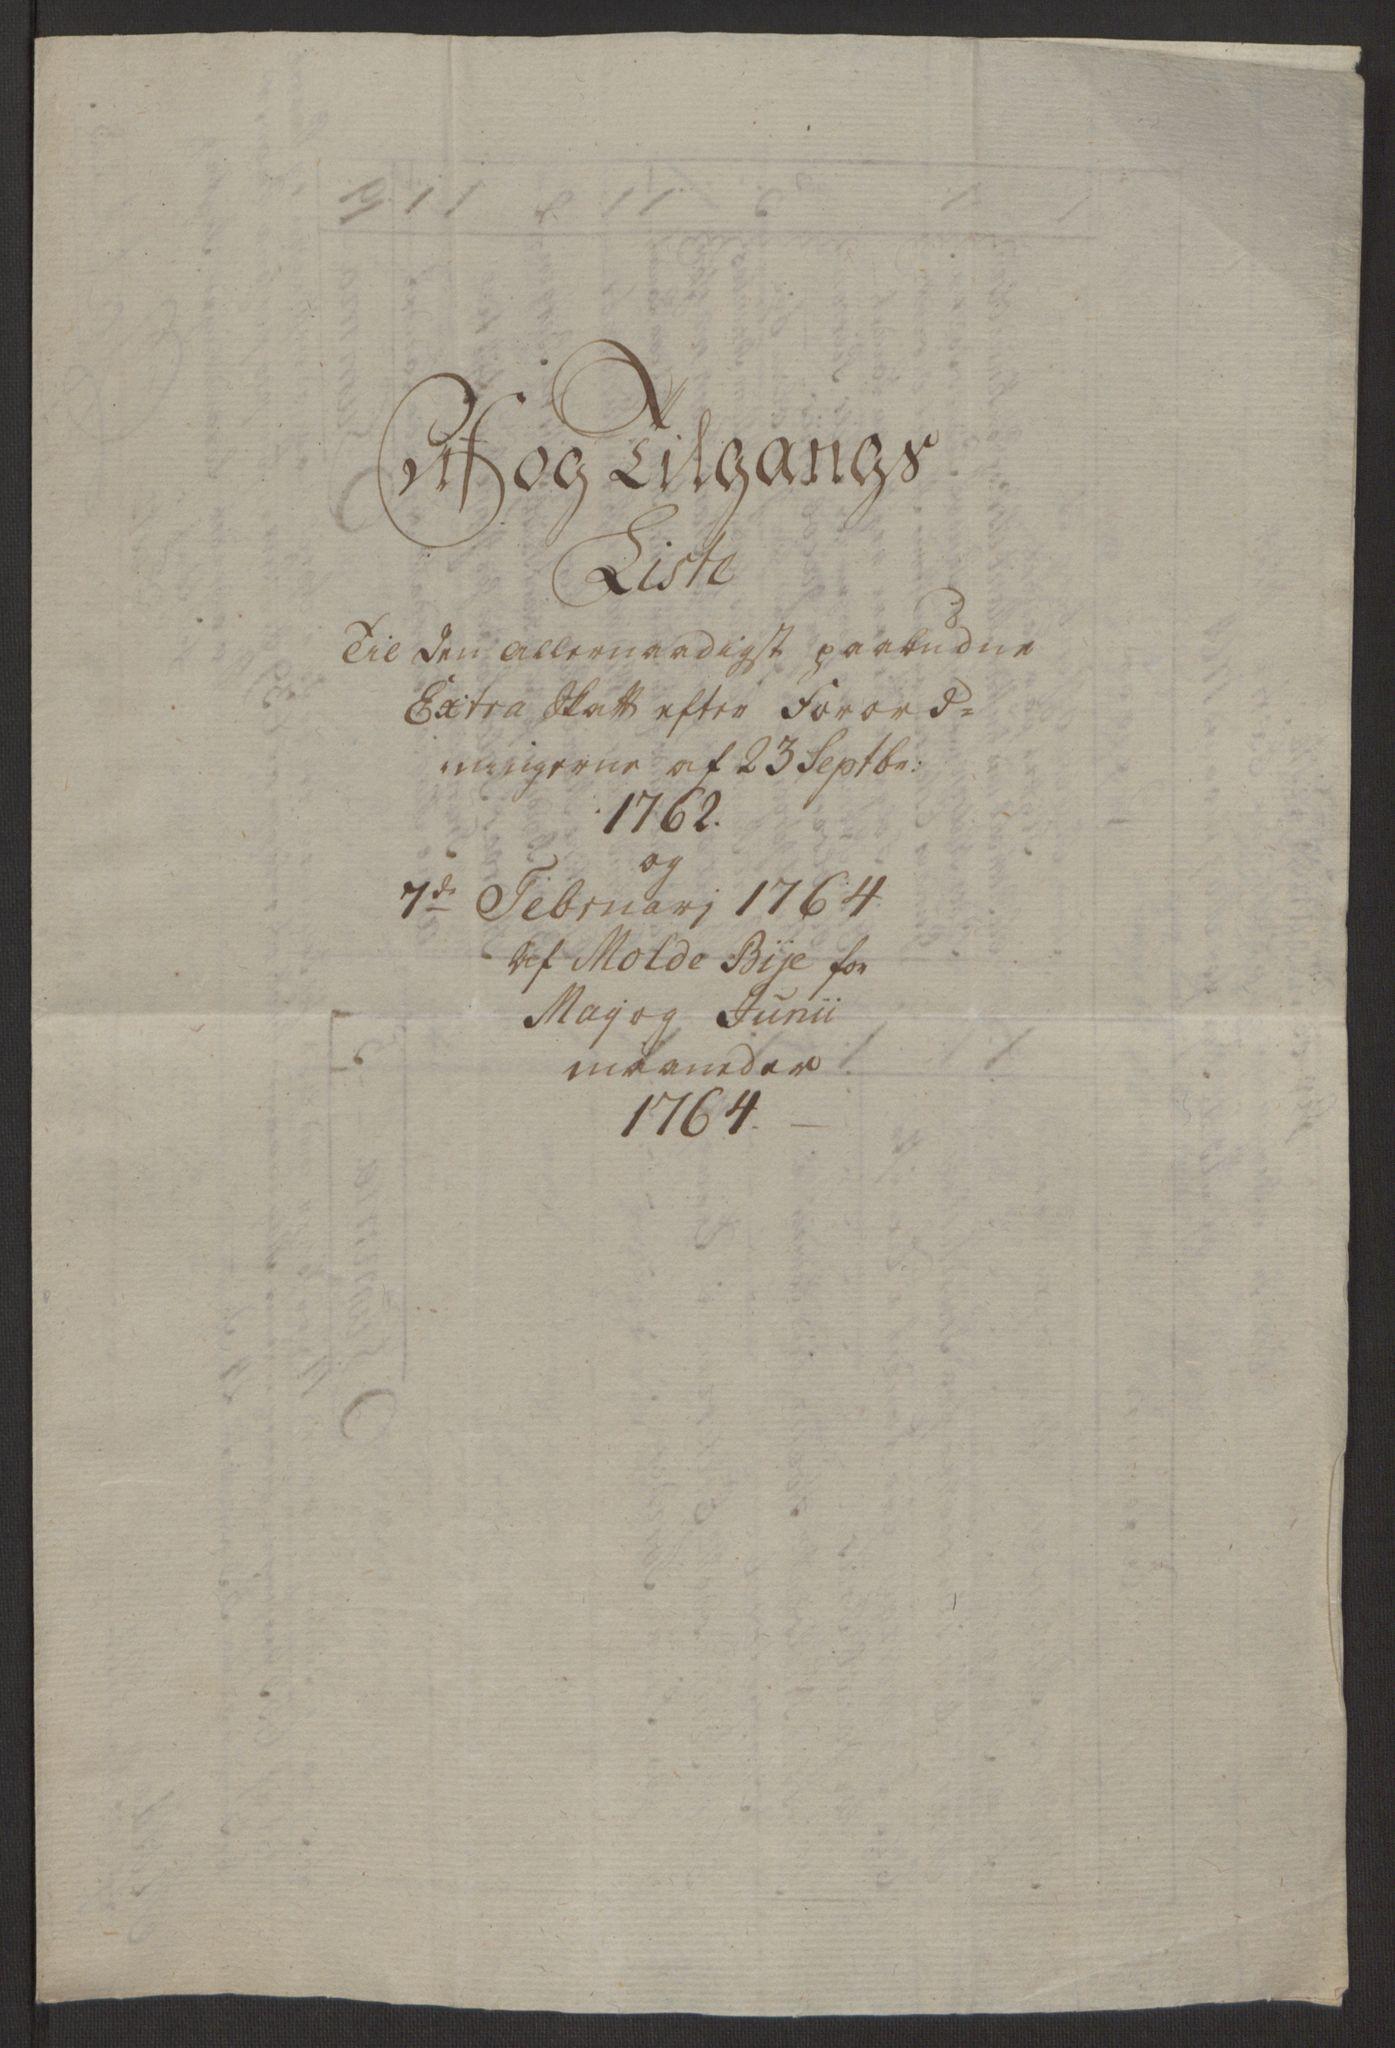 RA, Rentekammeret inntil 1814, Reviderte regnskaper, Byregnskaper, R/Rq/L0487: [Q1] Kontribusjonsregnskap, 1762-1772, s. 97